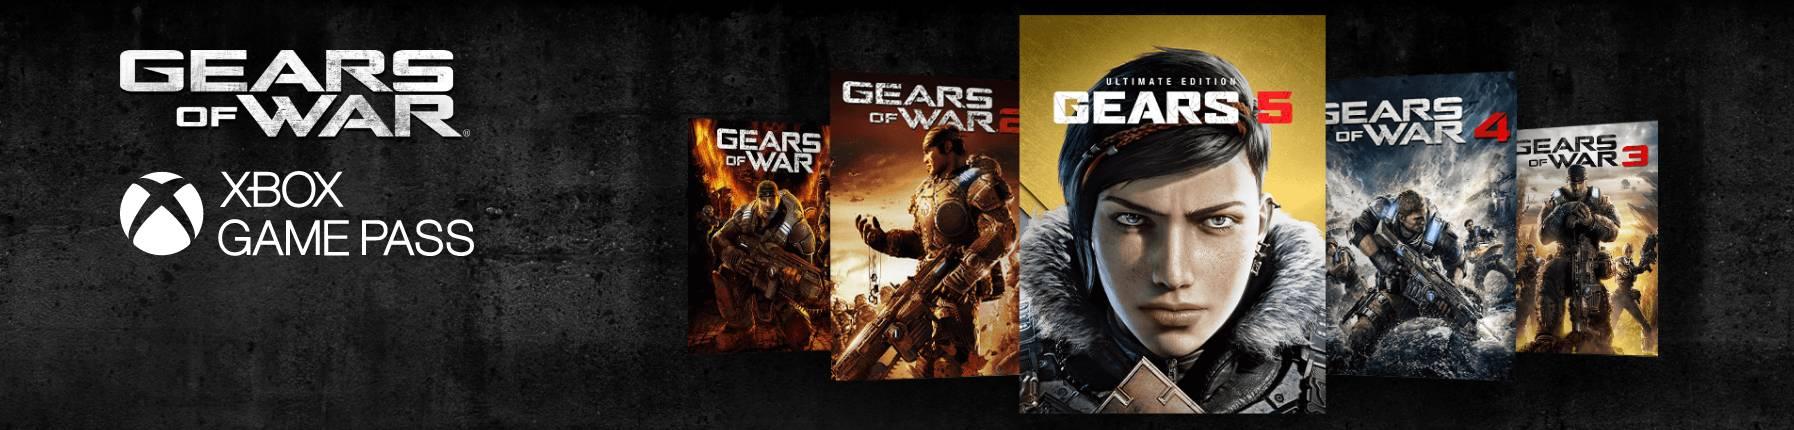 Todo lo que necesitas saber de Gears 5 antes de su lanzamiento